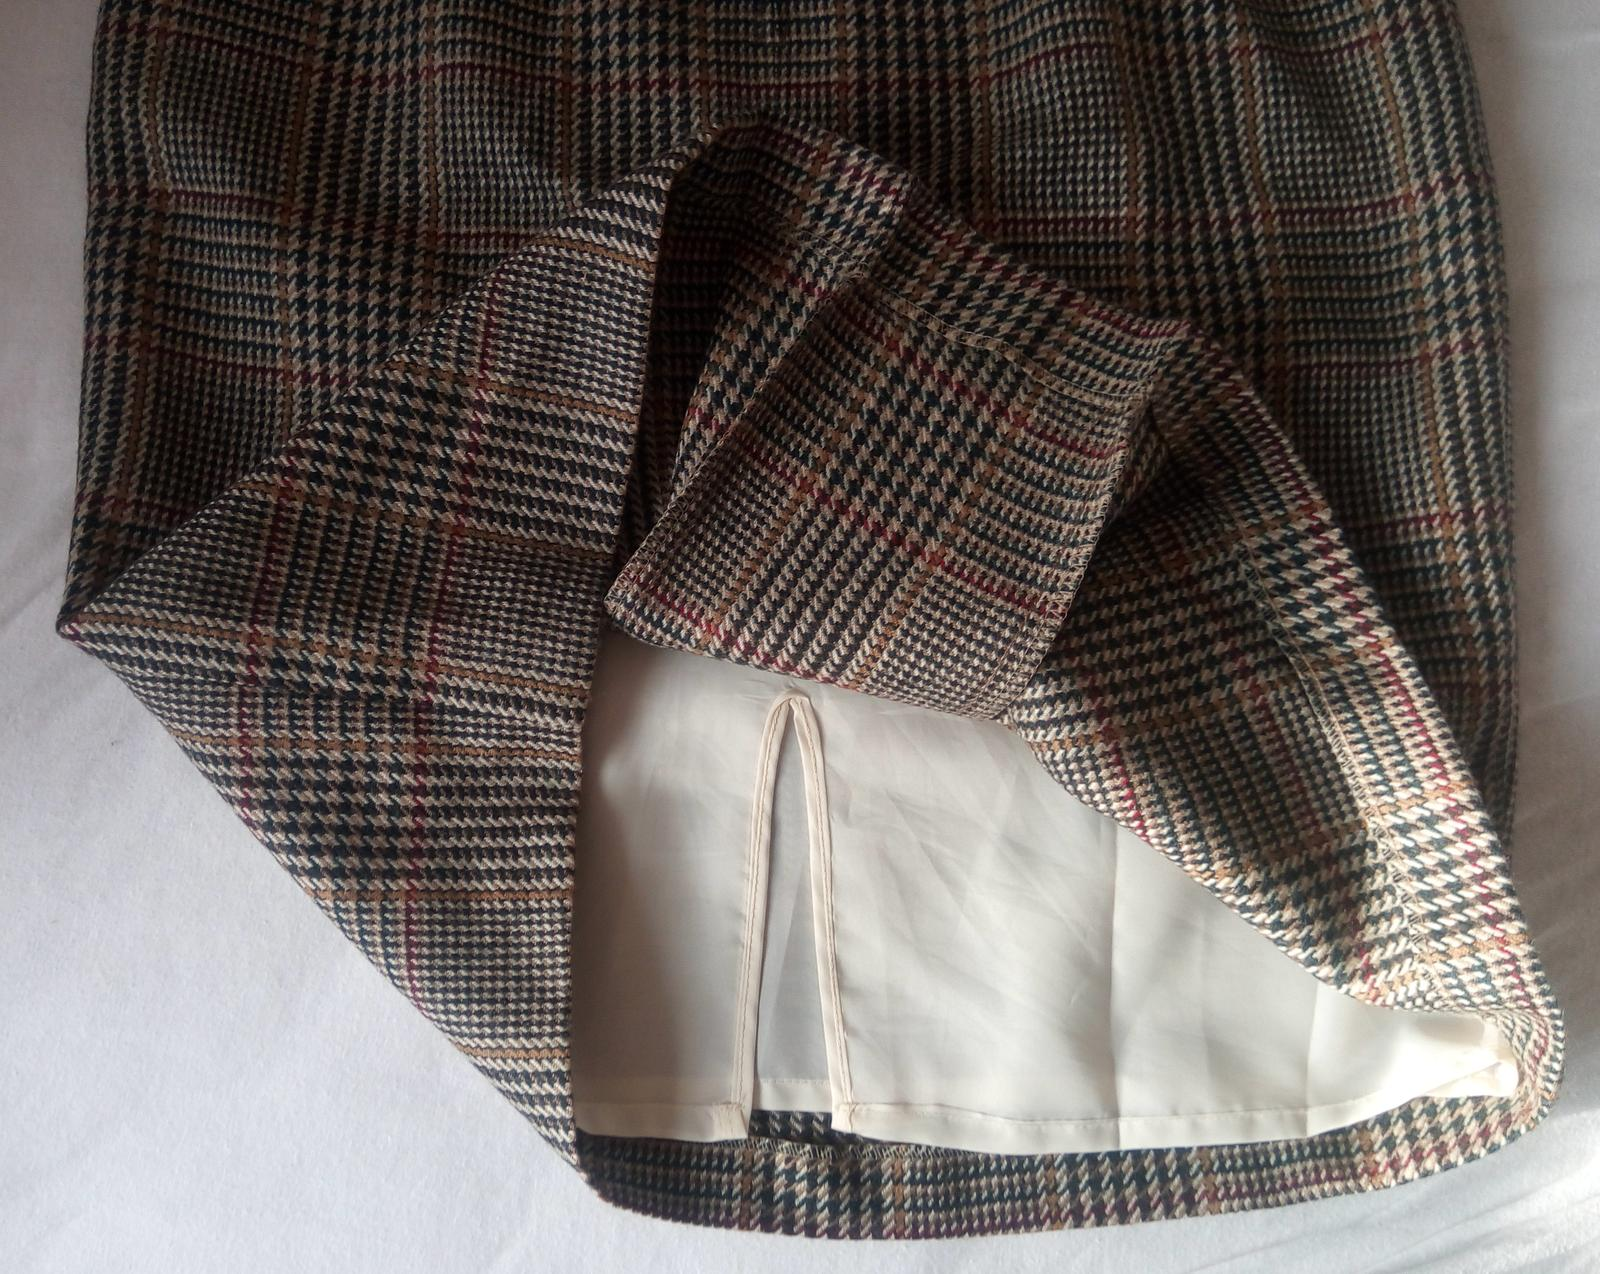 Vlnená károvaná sukňa S - Obrázok č. 4